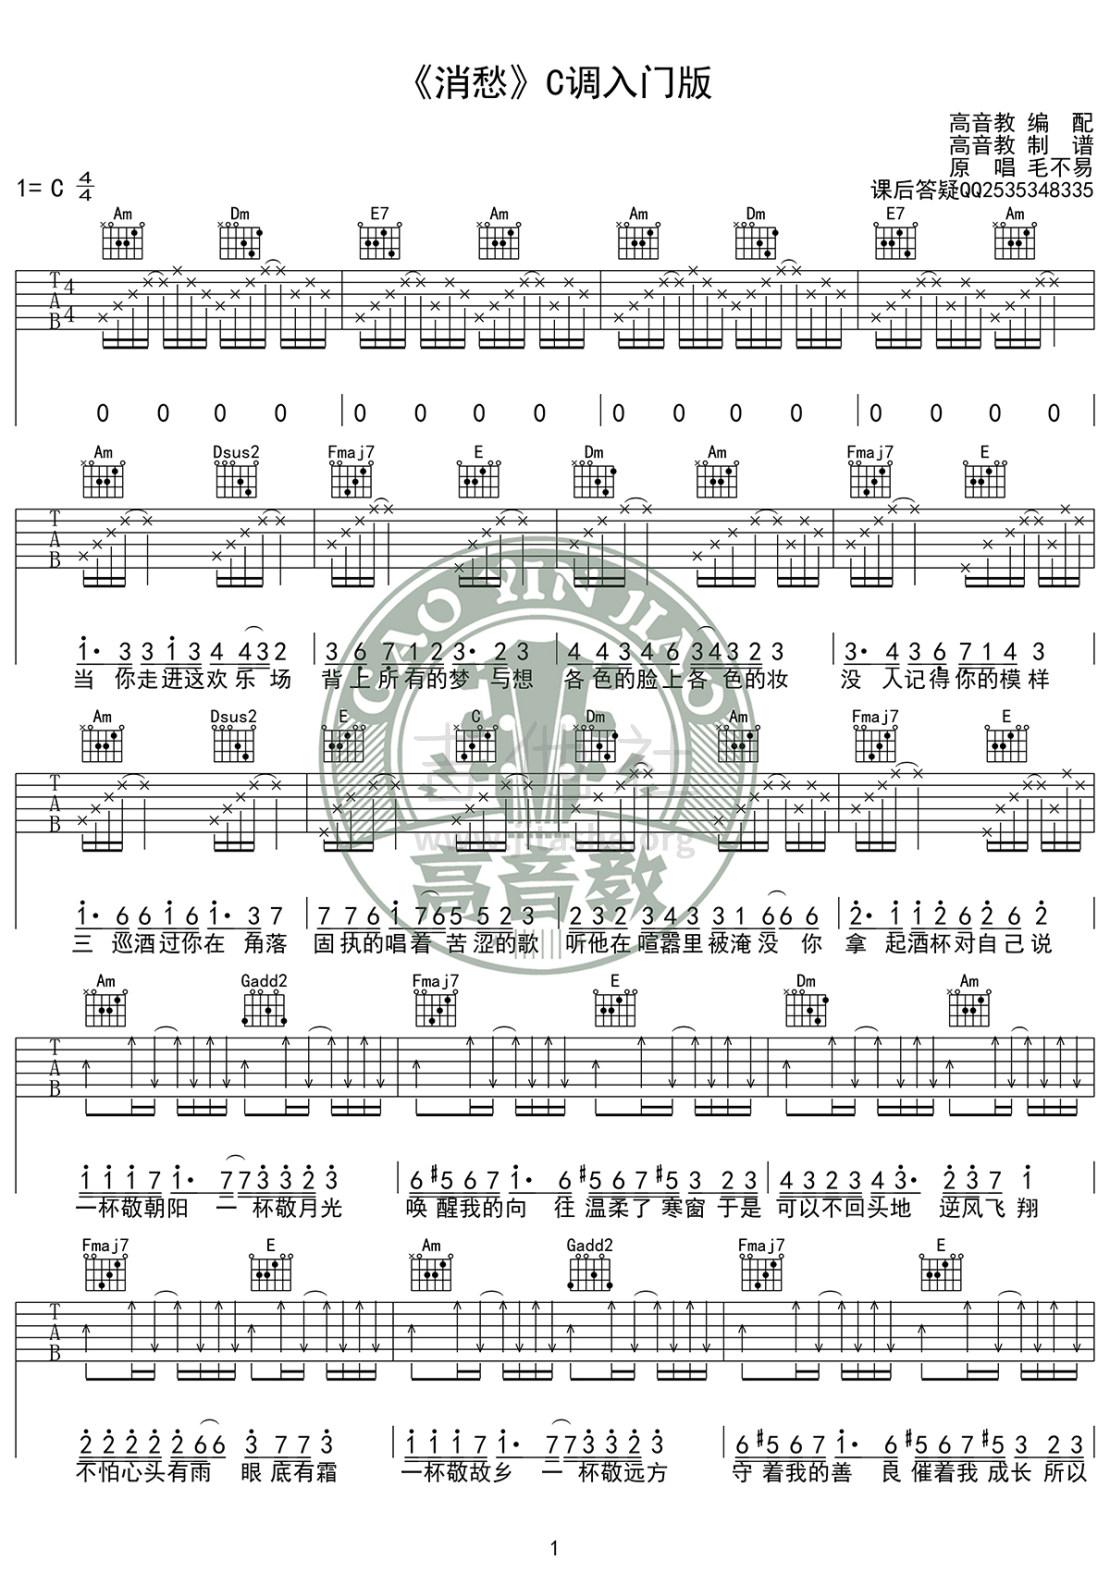 消愁(高音教编配)吉他谱(图片谱,弹唱,伴奏,C调)_毛不易_《消愁》C调入门版01.jpg